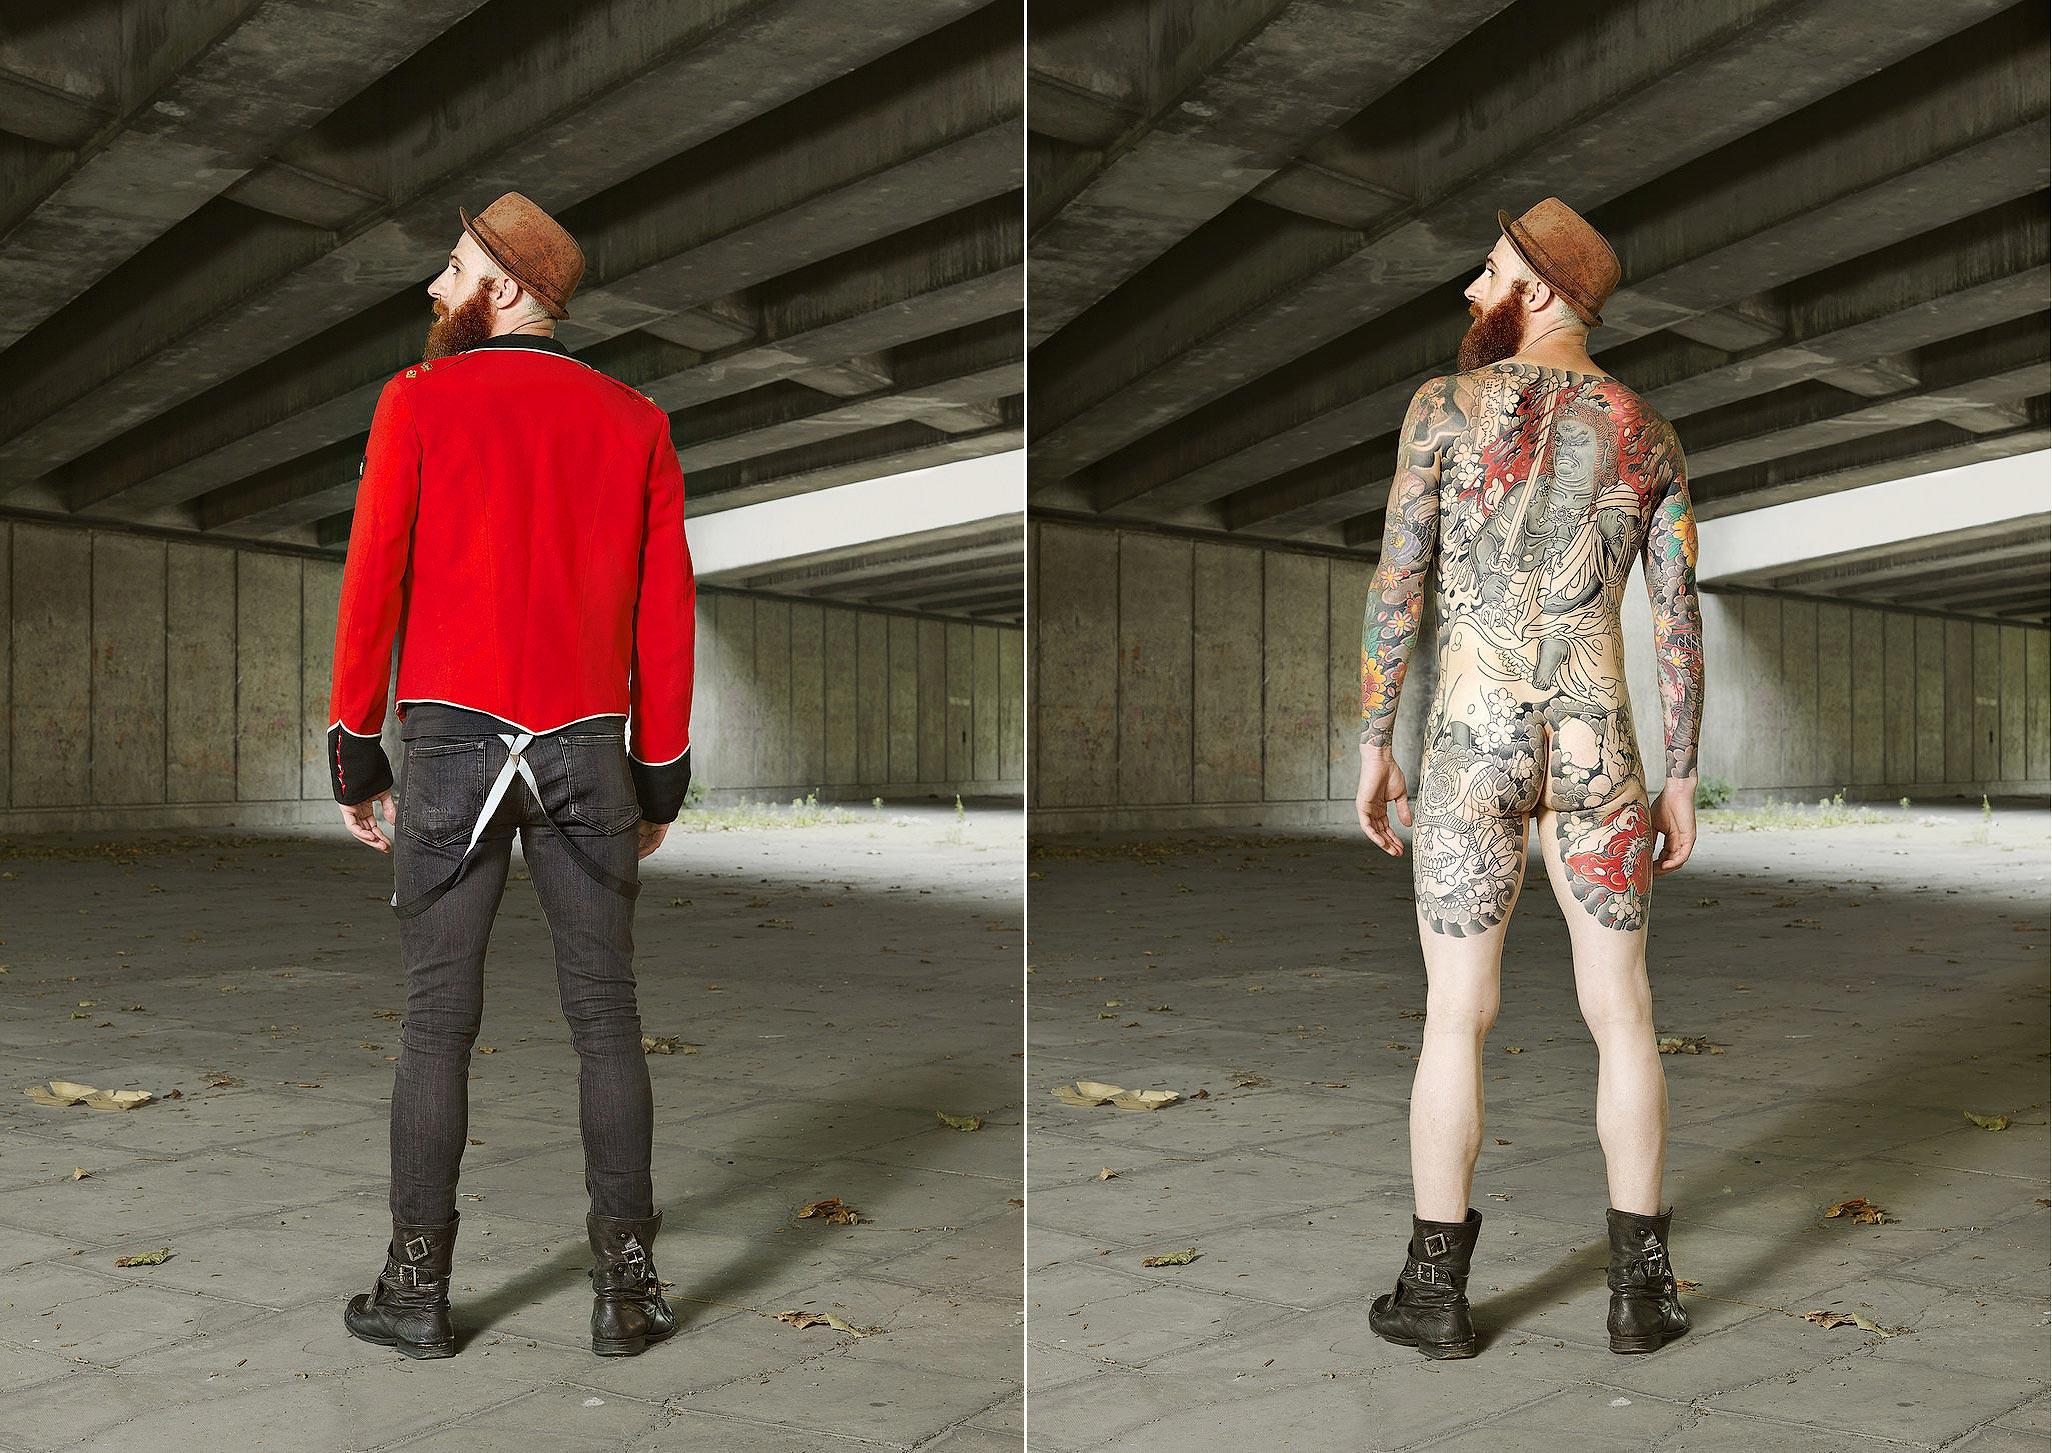 022 14 фото английских любителей тату в одежде и без